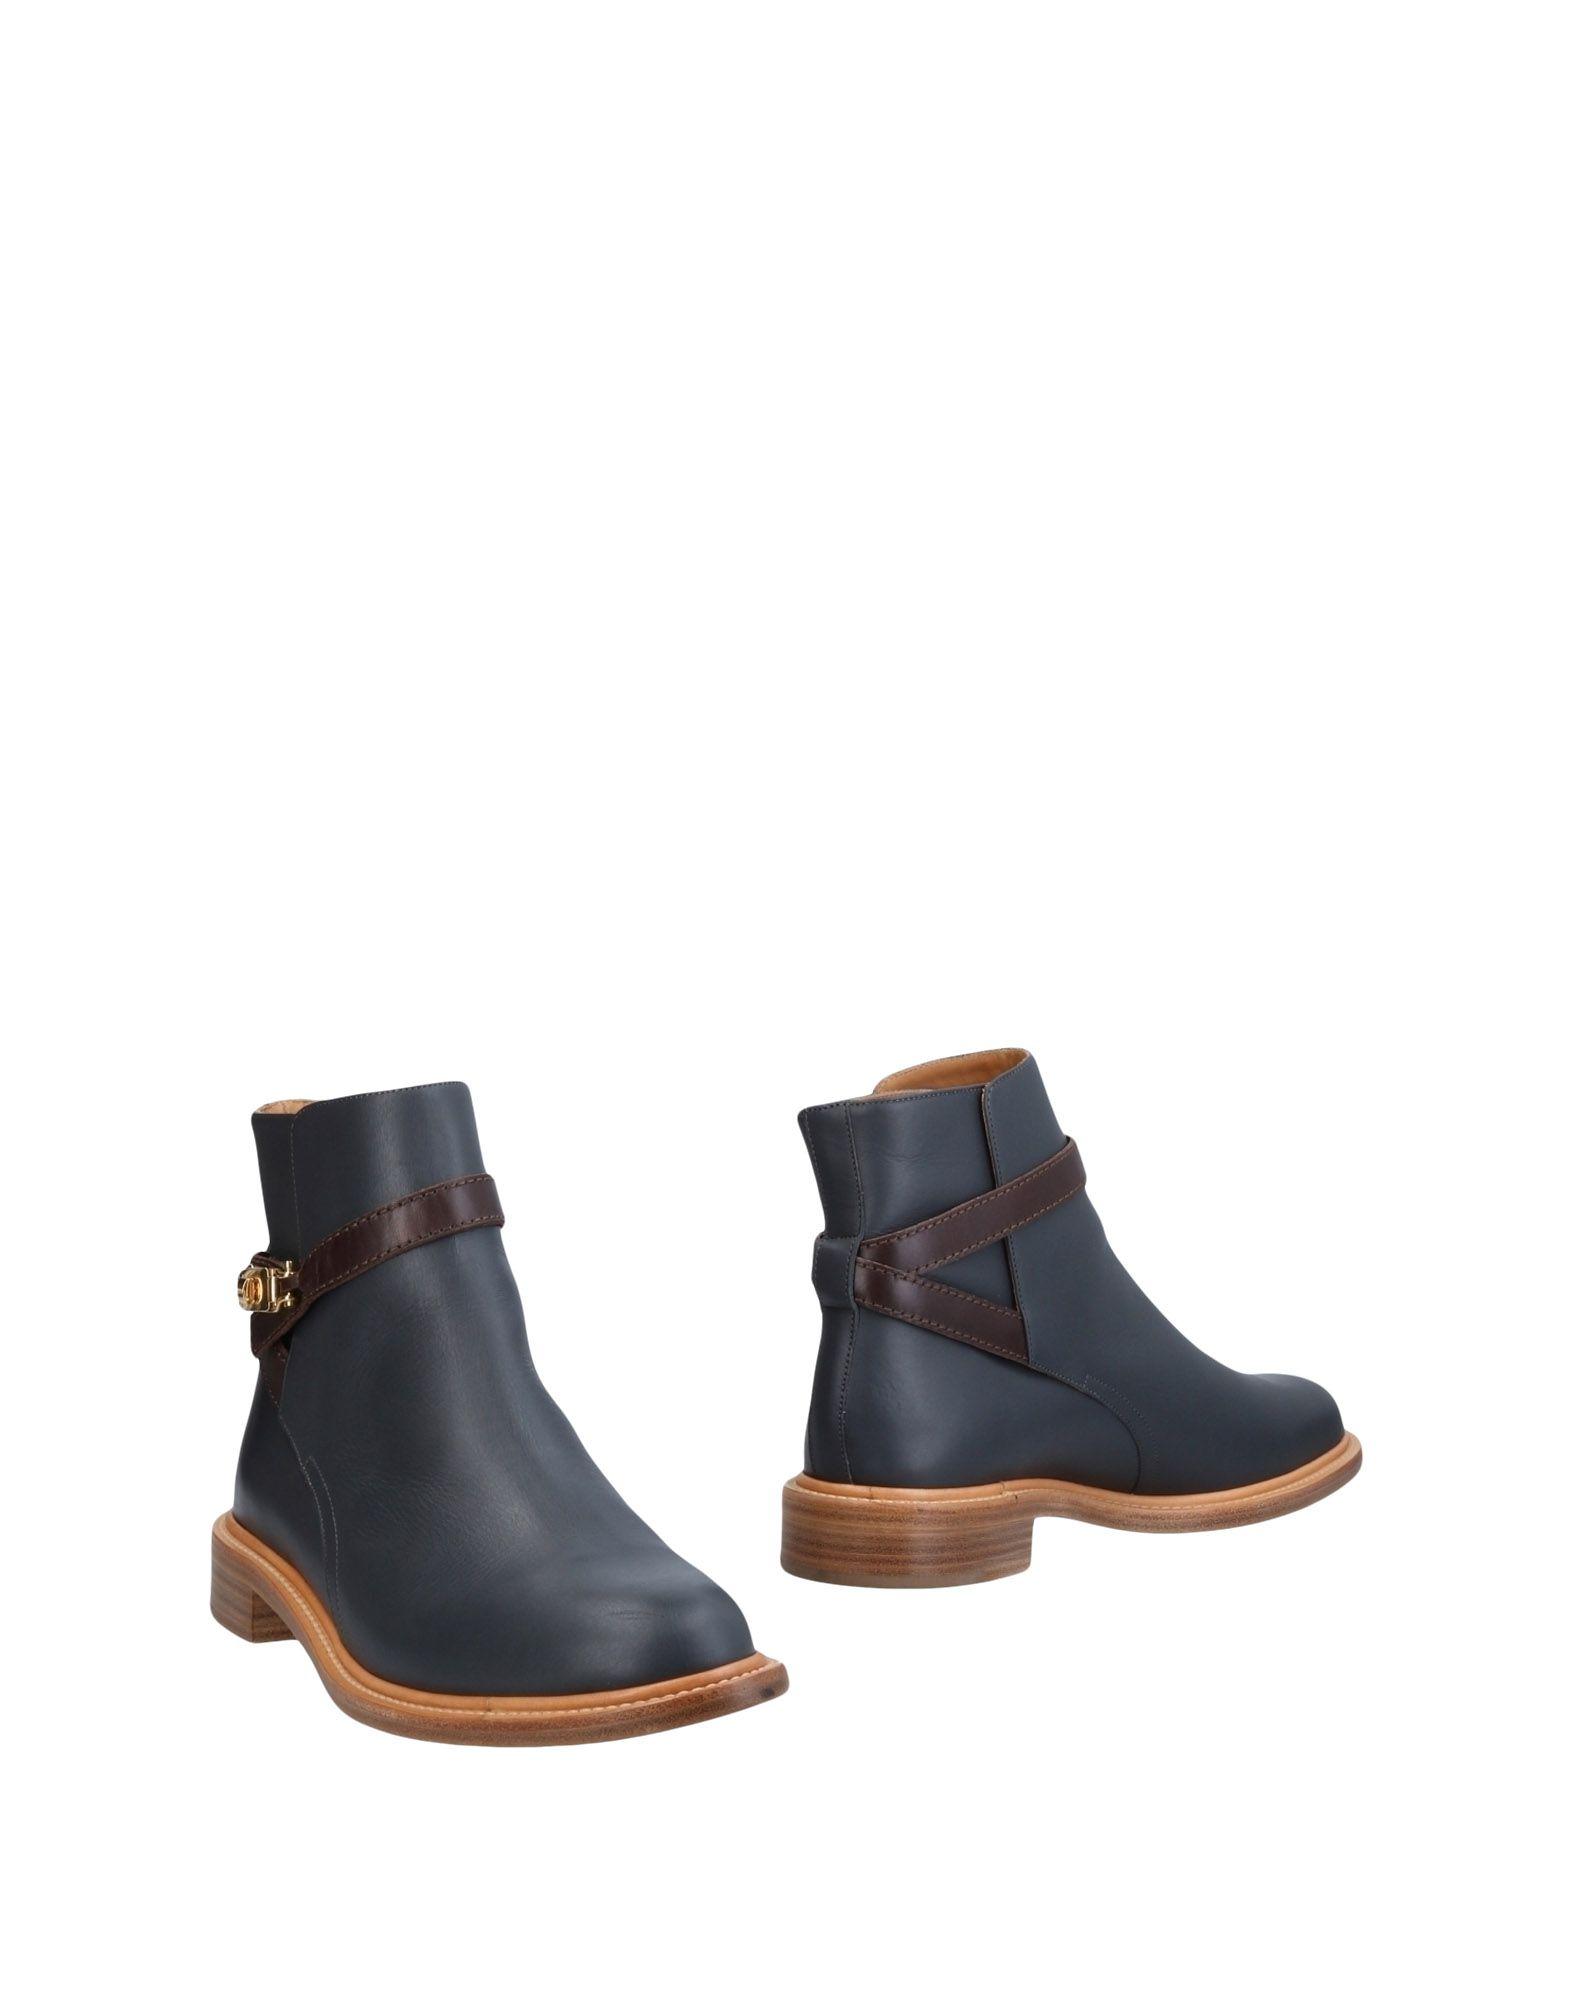 Chloé Stiefelette Damen  11462012WKGünstige gut aussehende Schuhe